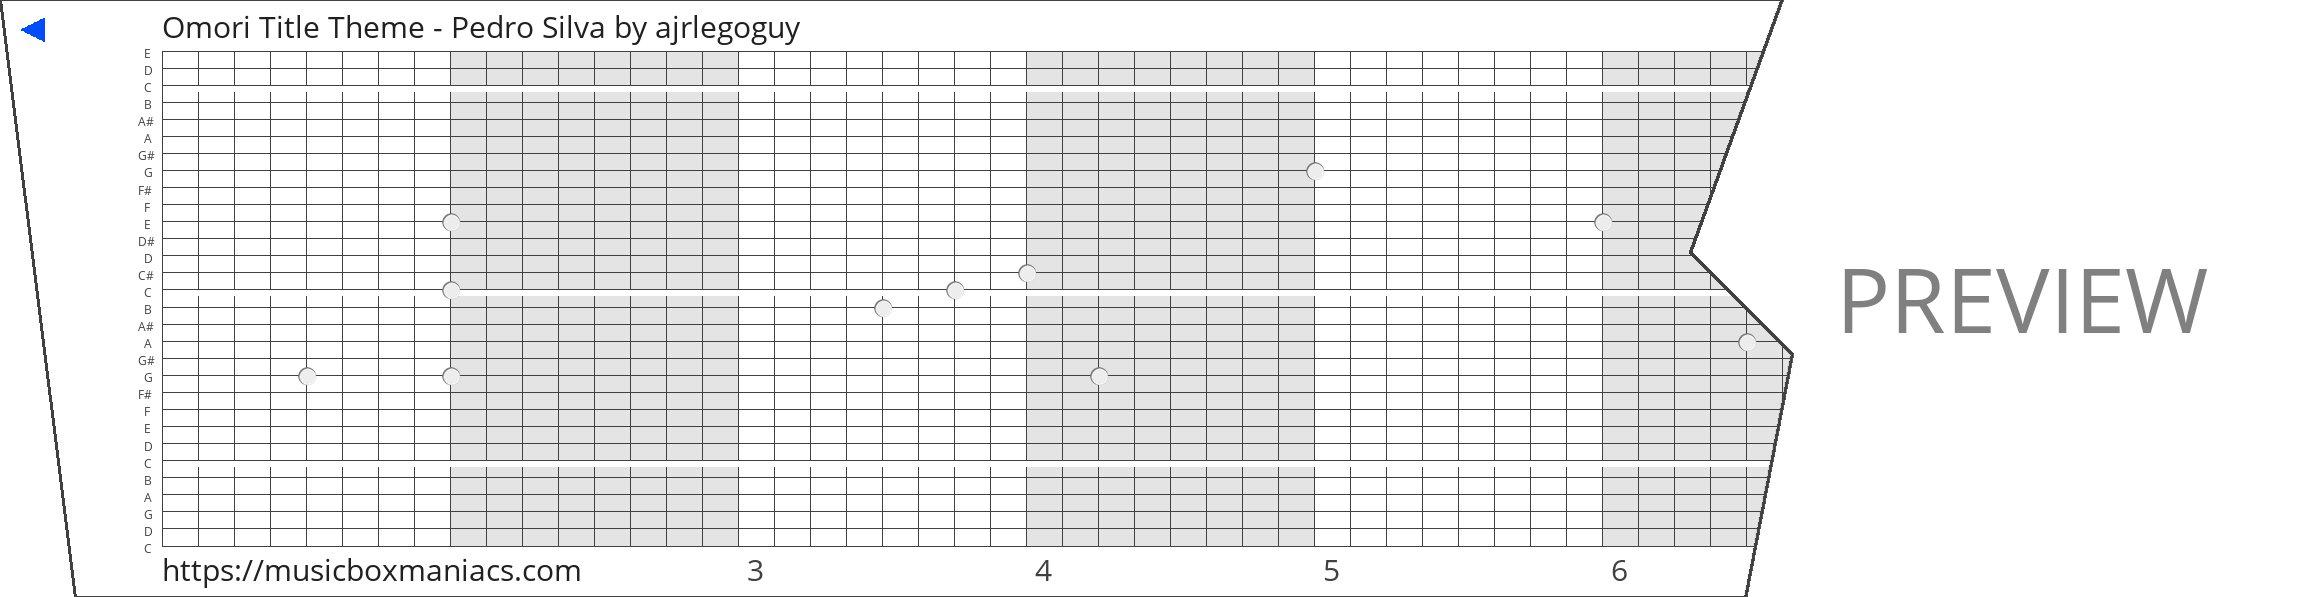 Omori Title Theme - Pedro Silva 30 note music box paper strip